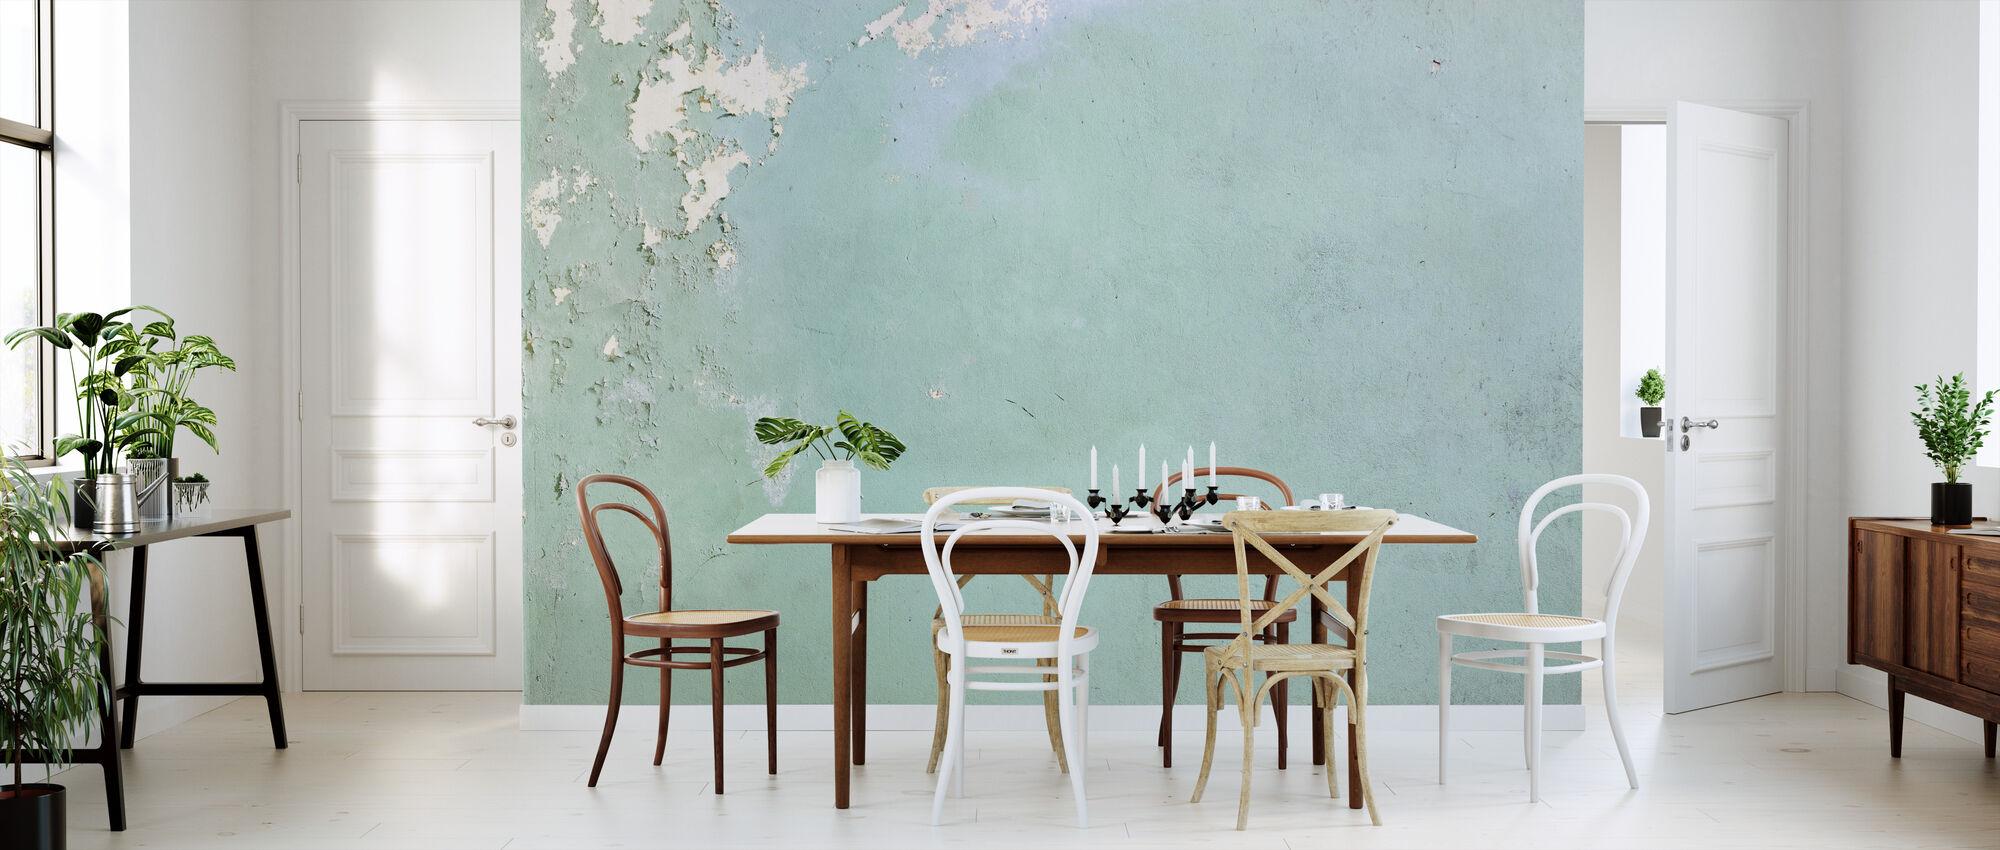 Light Blue Wallpaper - Wallpaper - Kitchen